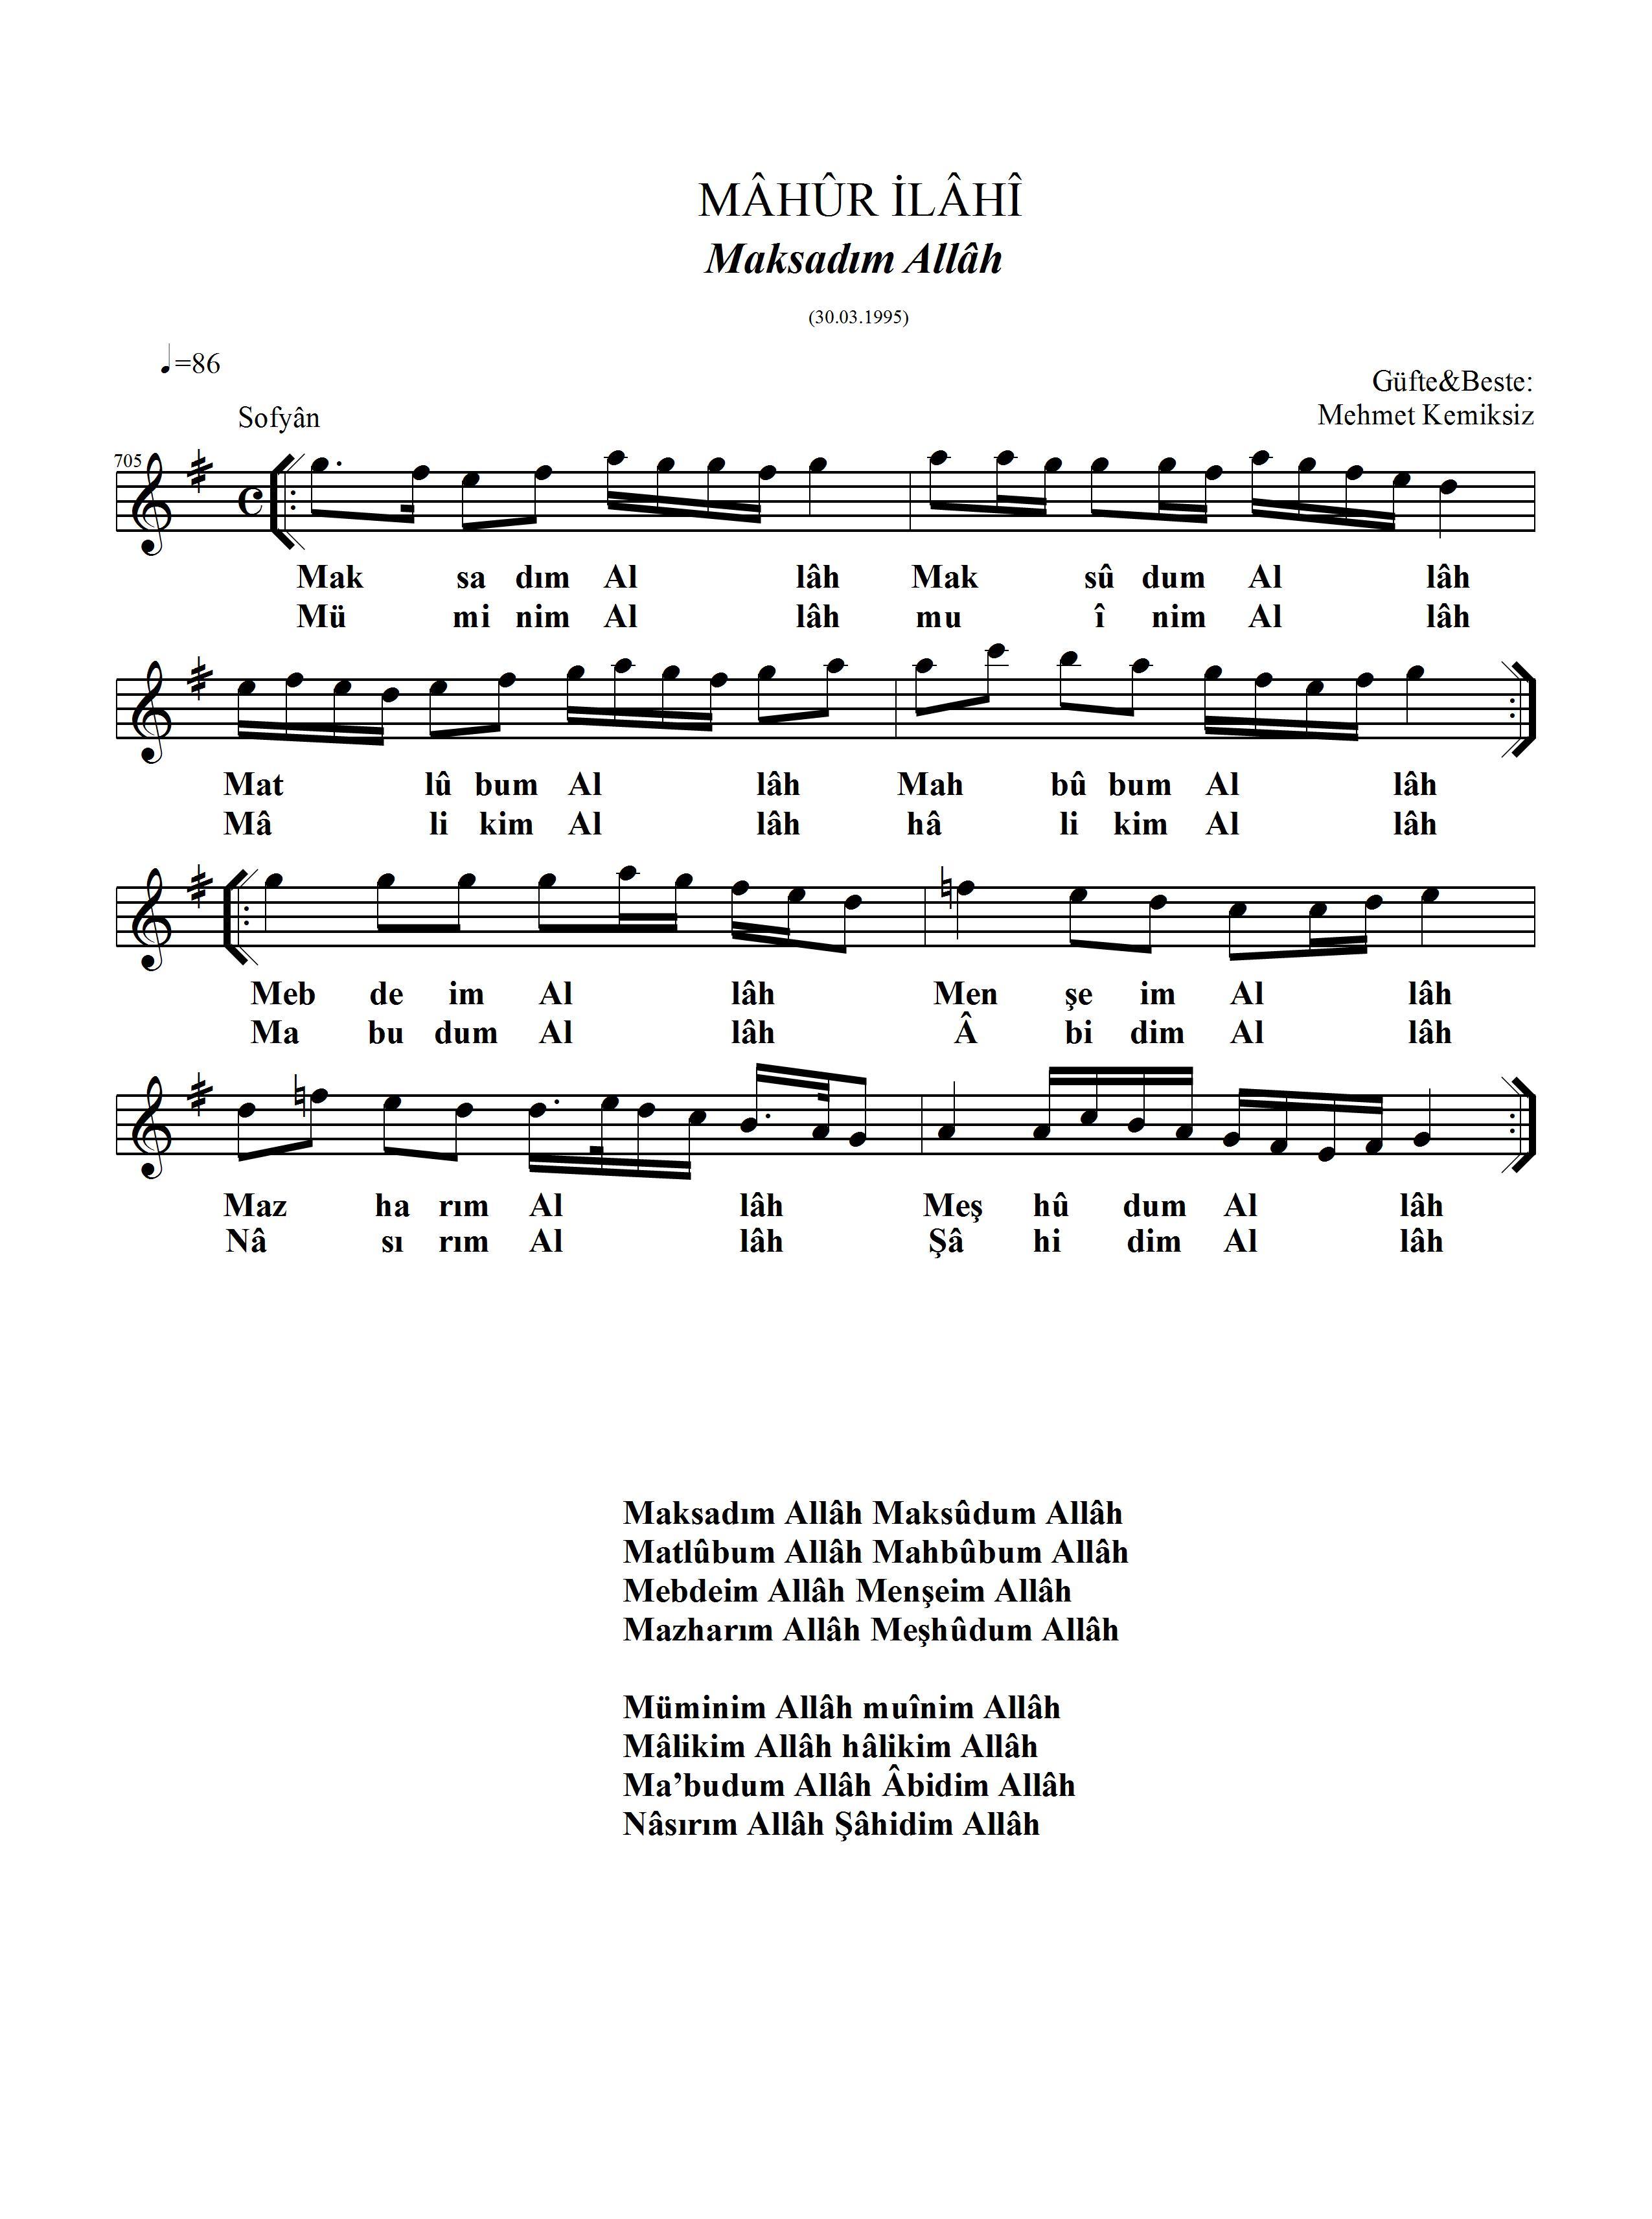 705-Mahur-MaksadimAllah